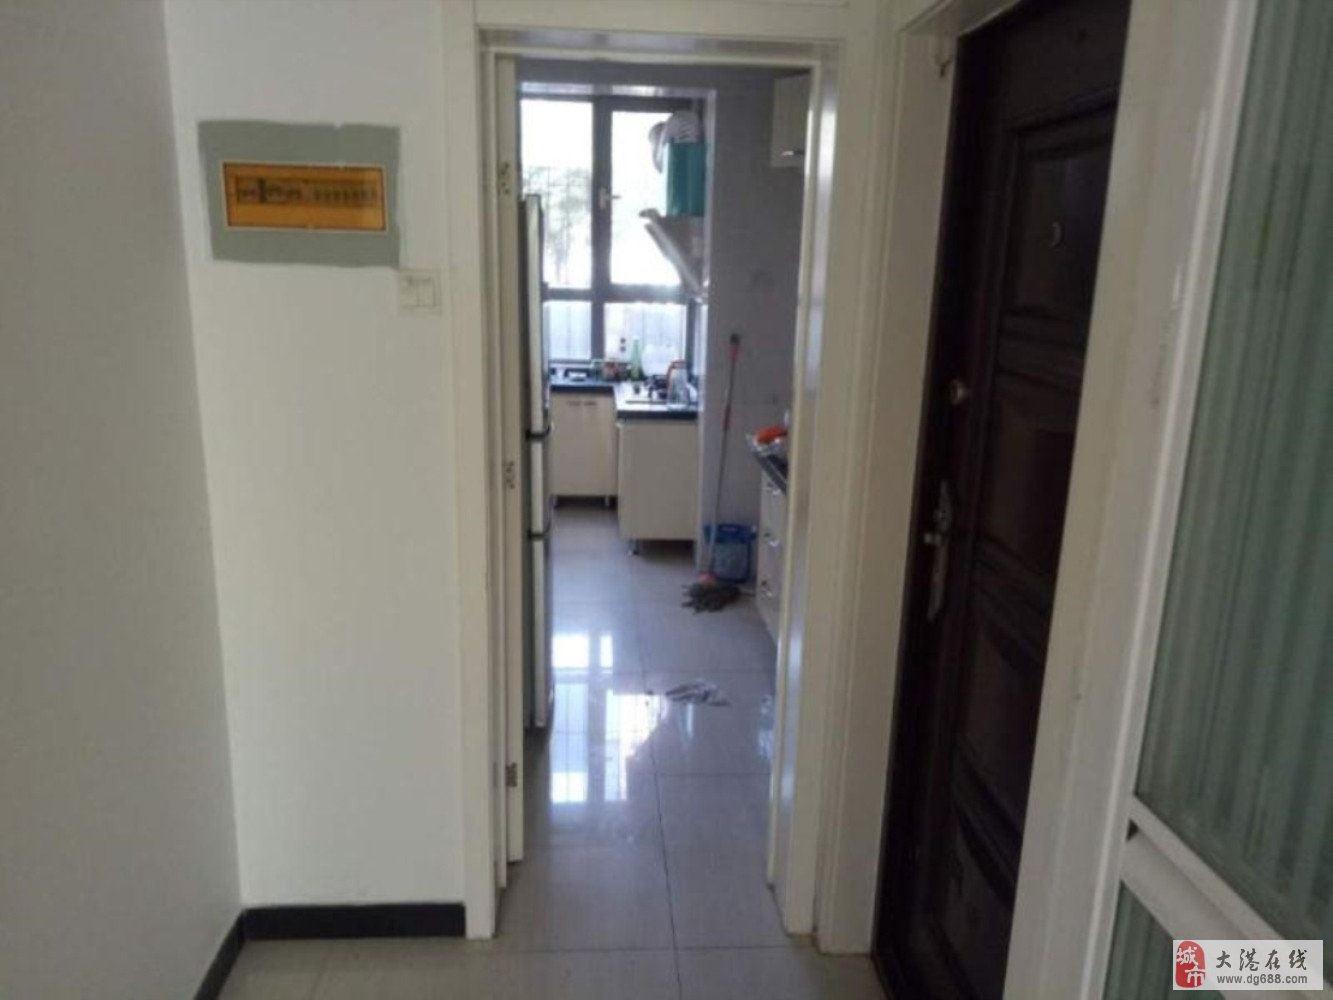 福润园一楼通厅明厕无遮挡